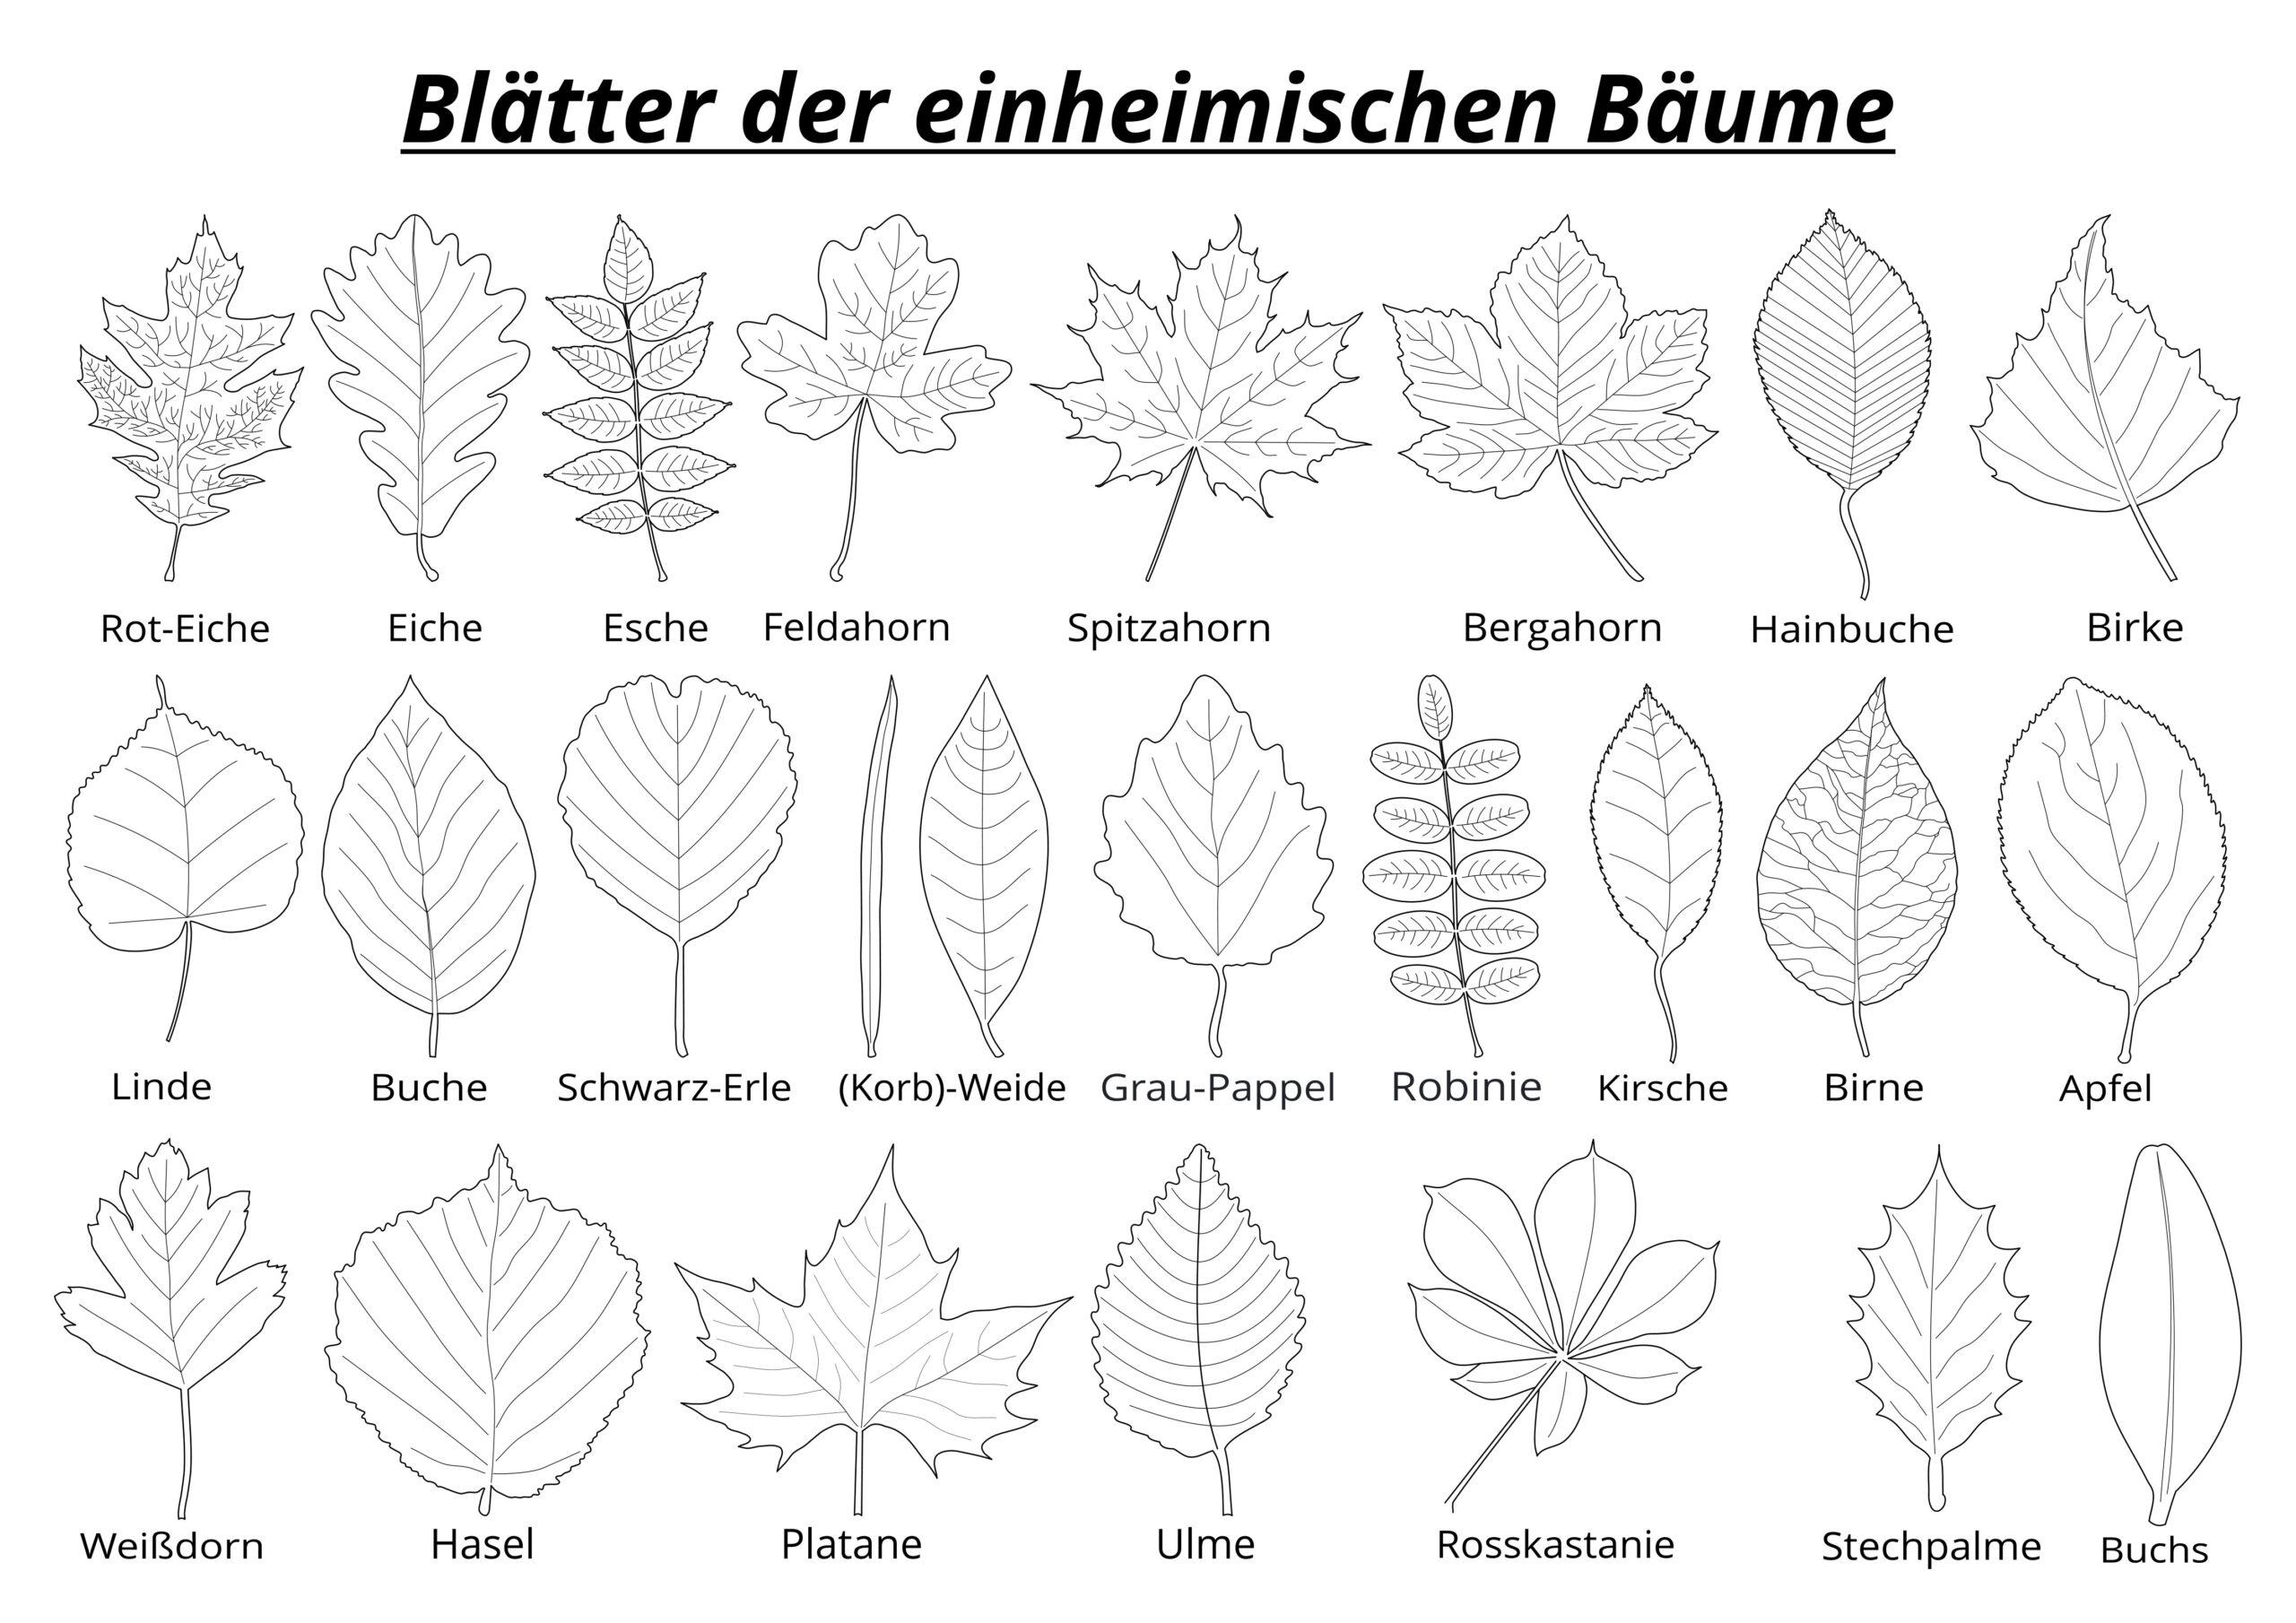 Blätterformen der einheimischen Baumarten auf einen Blick - Blätter einheimischer Bäume